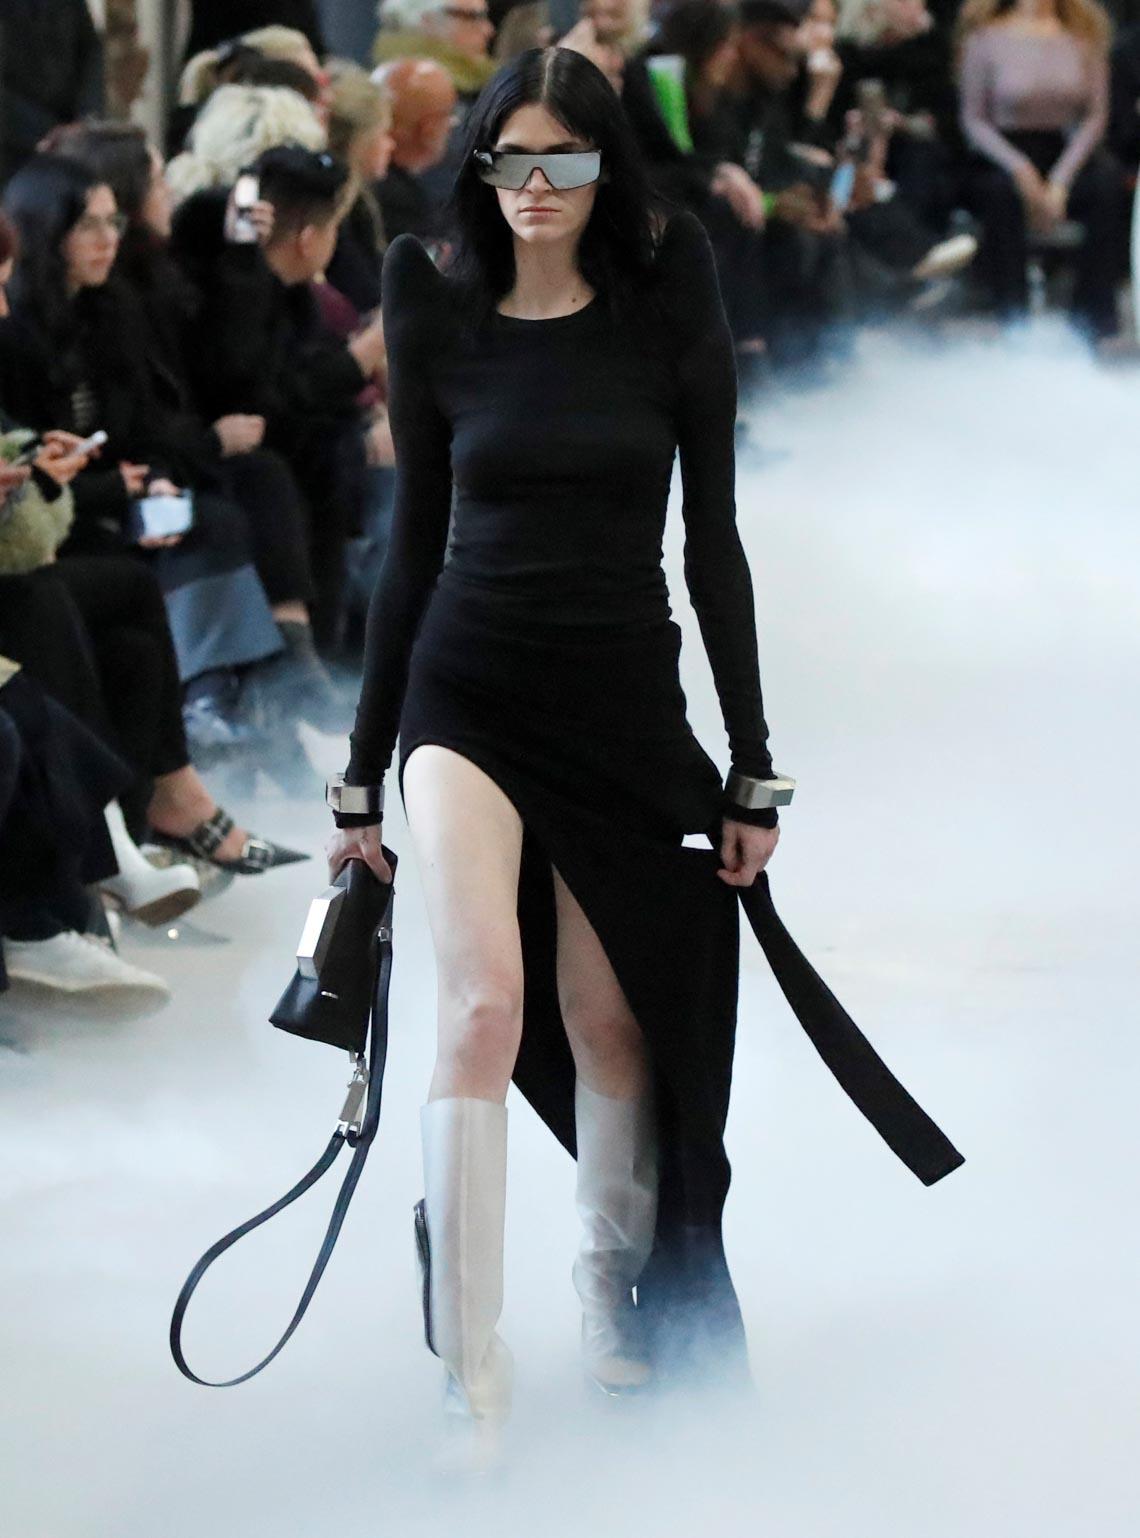 Tuần lễ thời trang Paris 2020 bị ảnh hưởng bởi virus corona -16